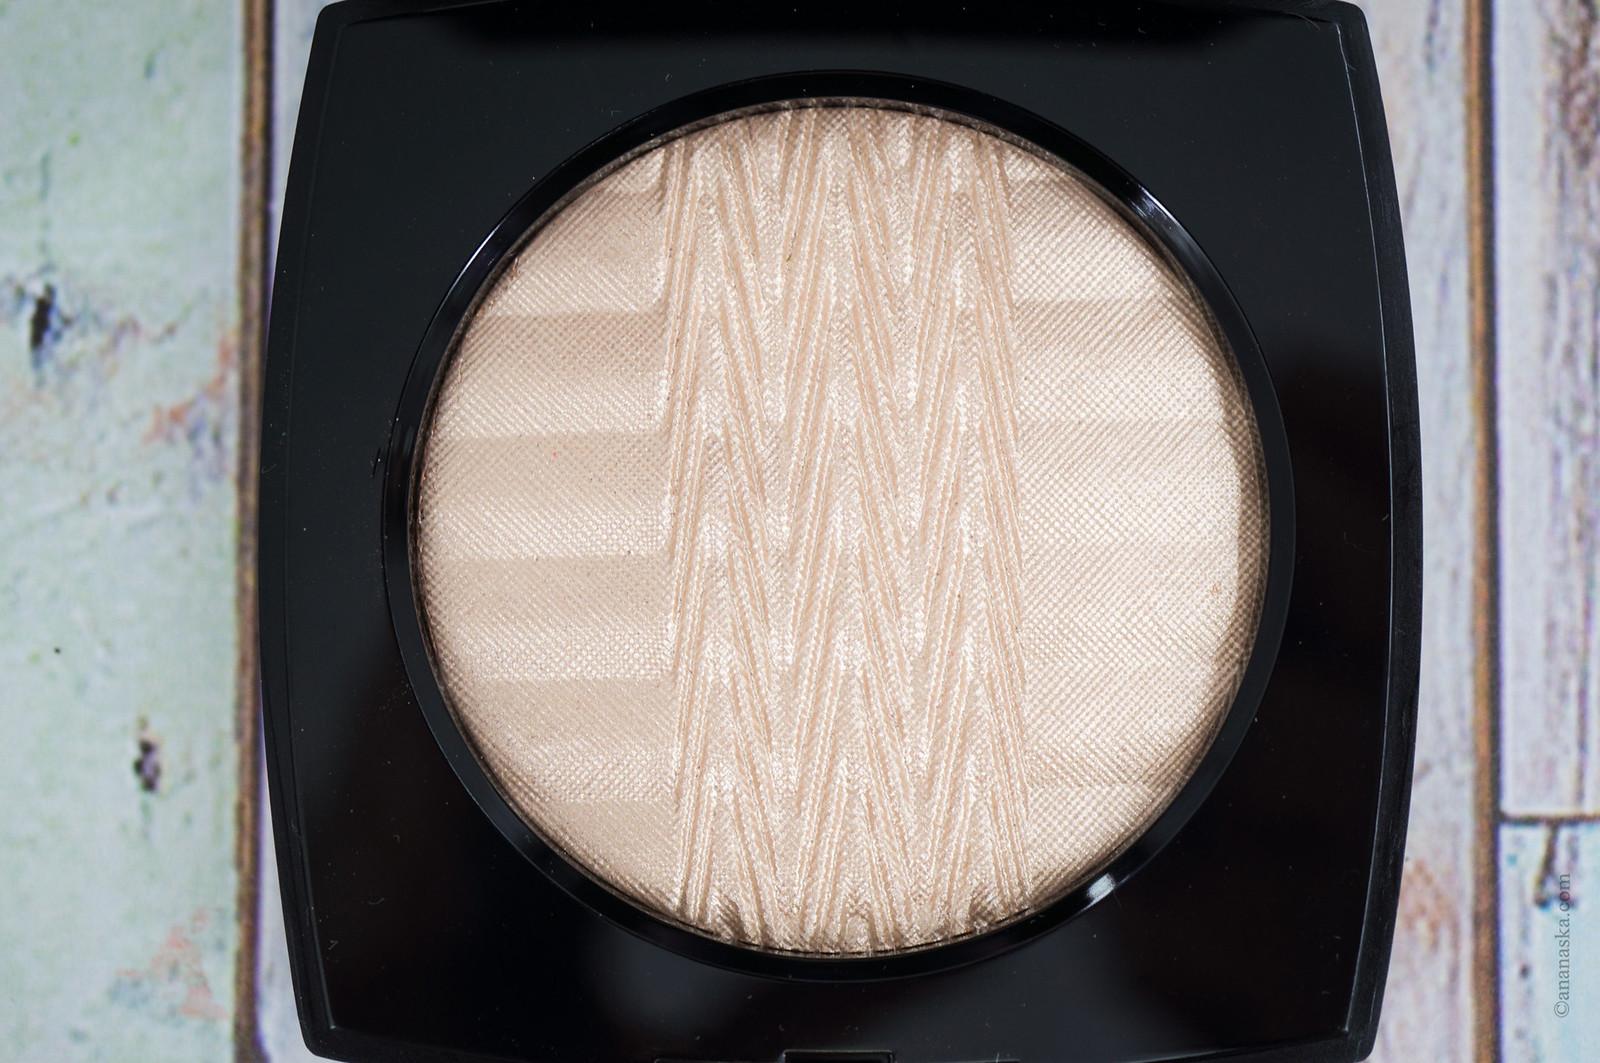 Chanel Exclusive Creation Plisse Lumiere de Chanel